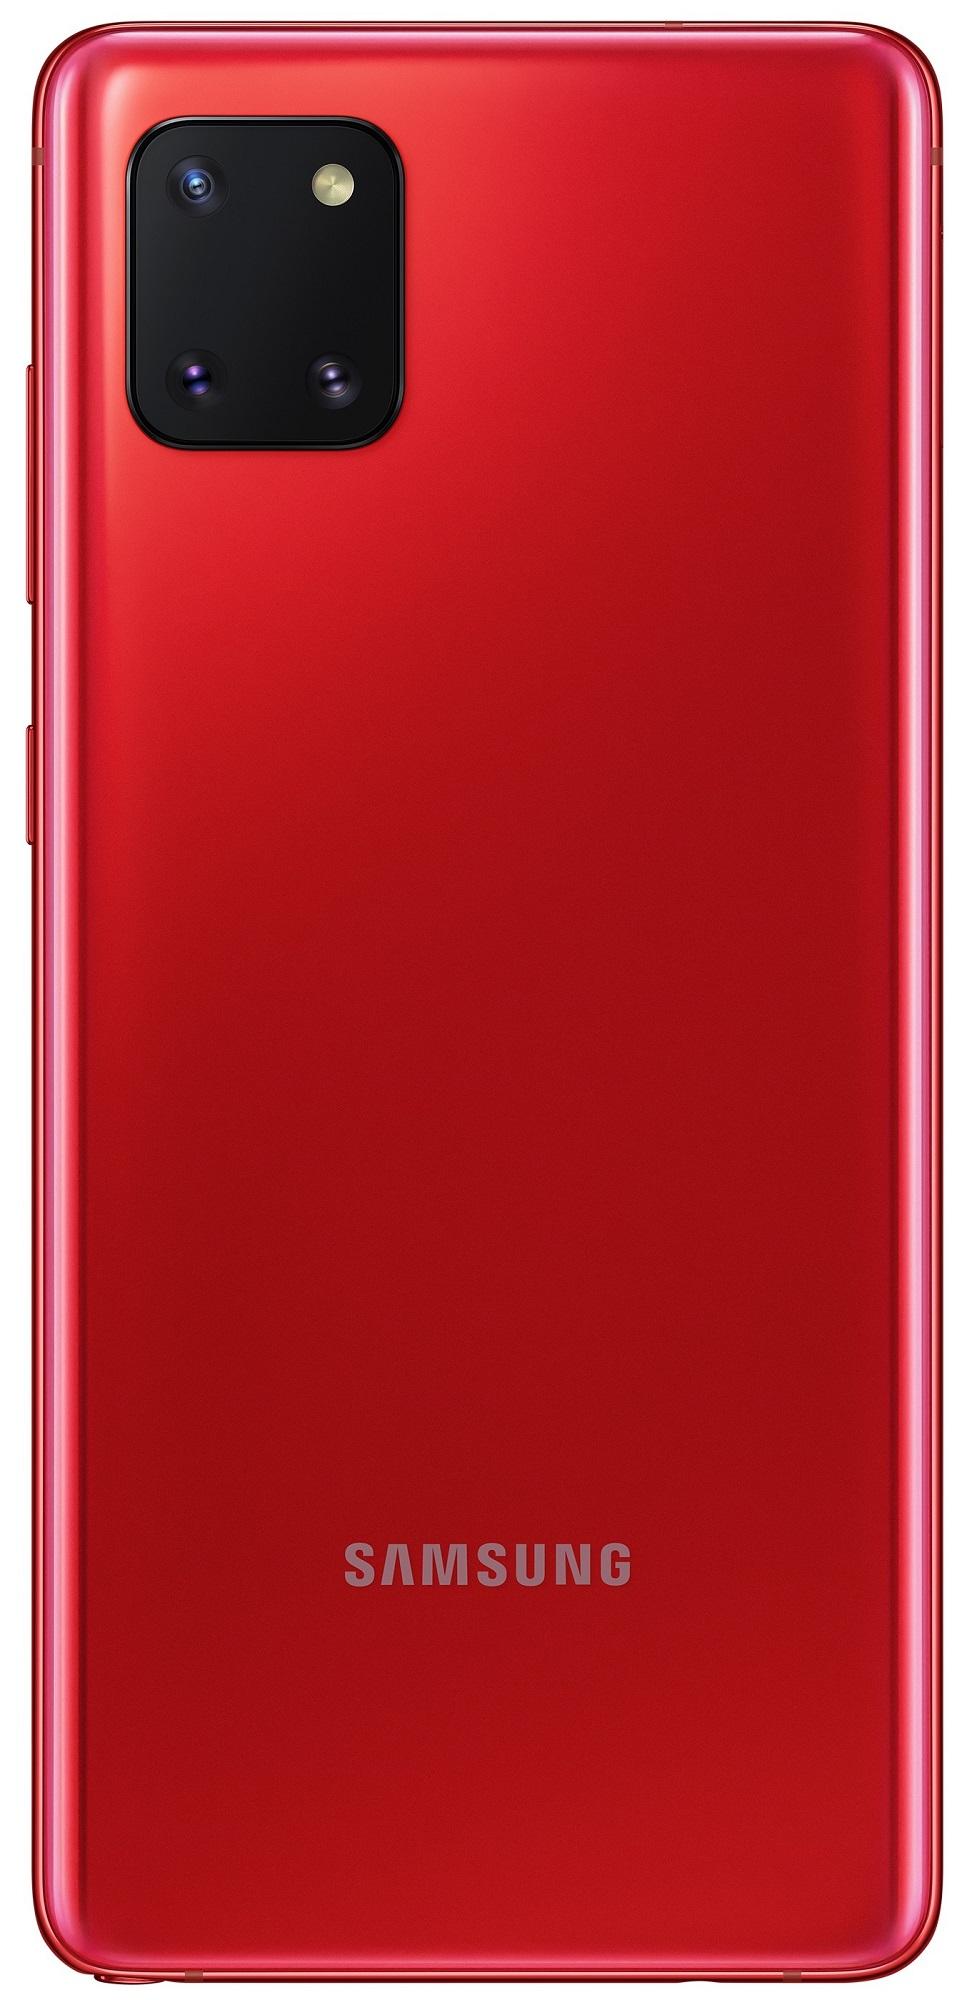 Samsung Galaxy Note 10 Lite (SM-N770) RED - 4